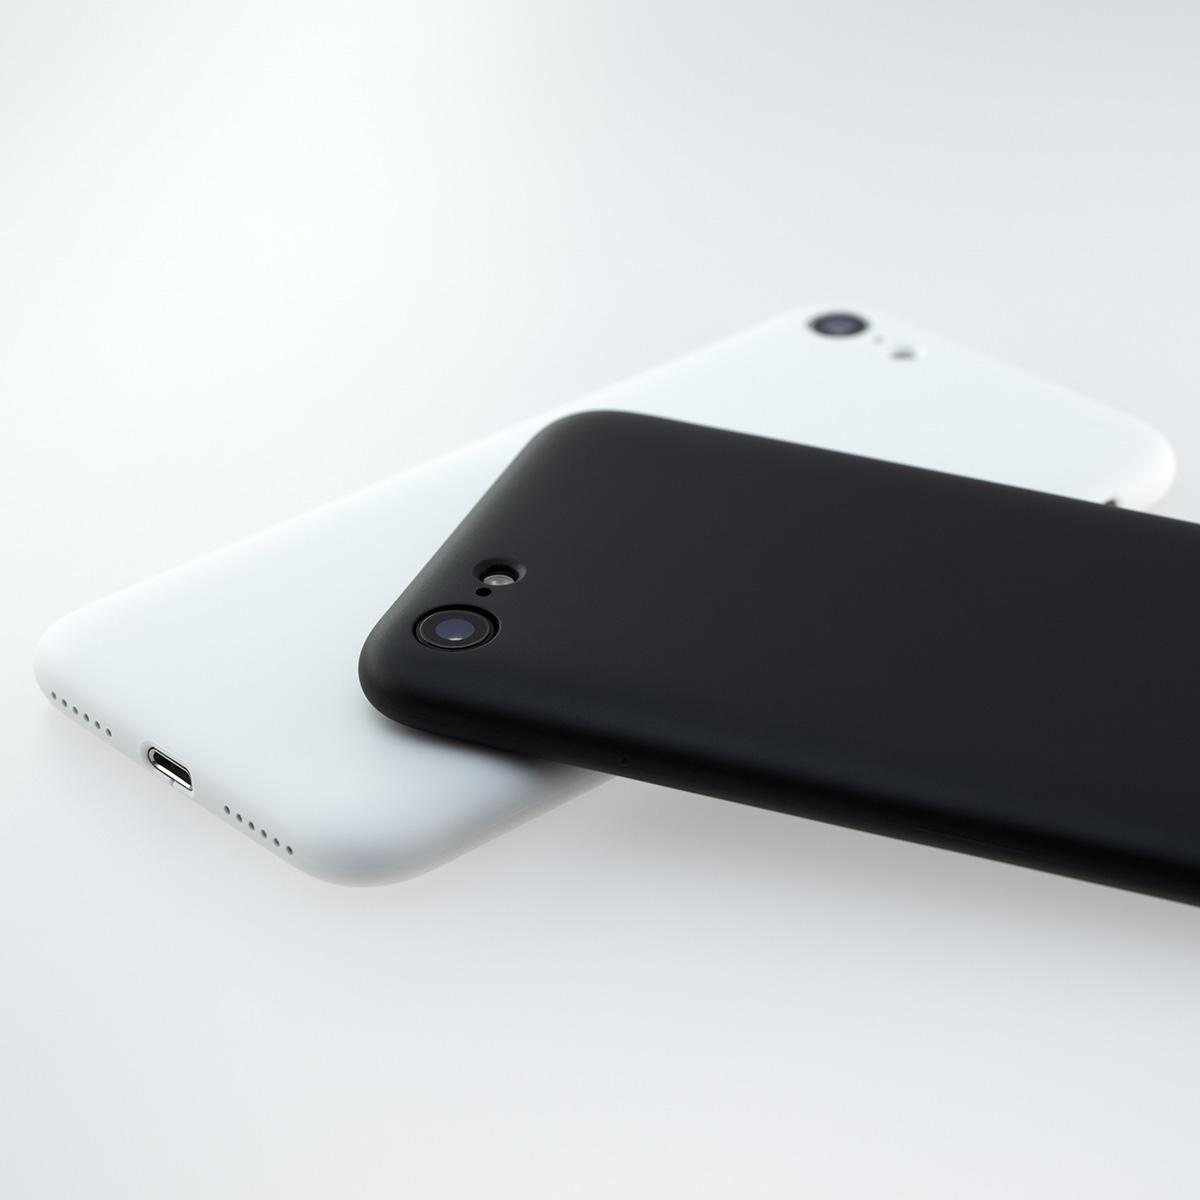 【ネコポス送料無料】【iPhoneSE2/8/7】MYNUS CASE(マットブラック)